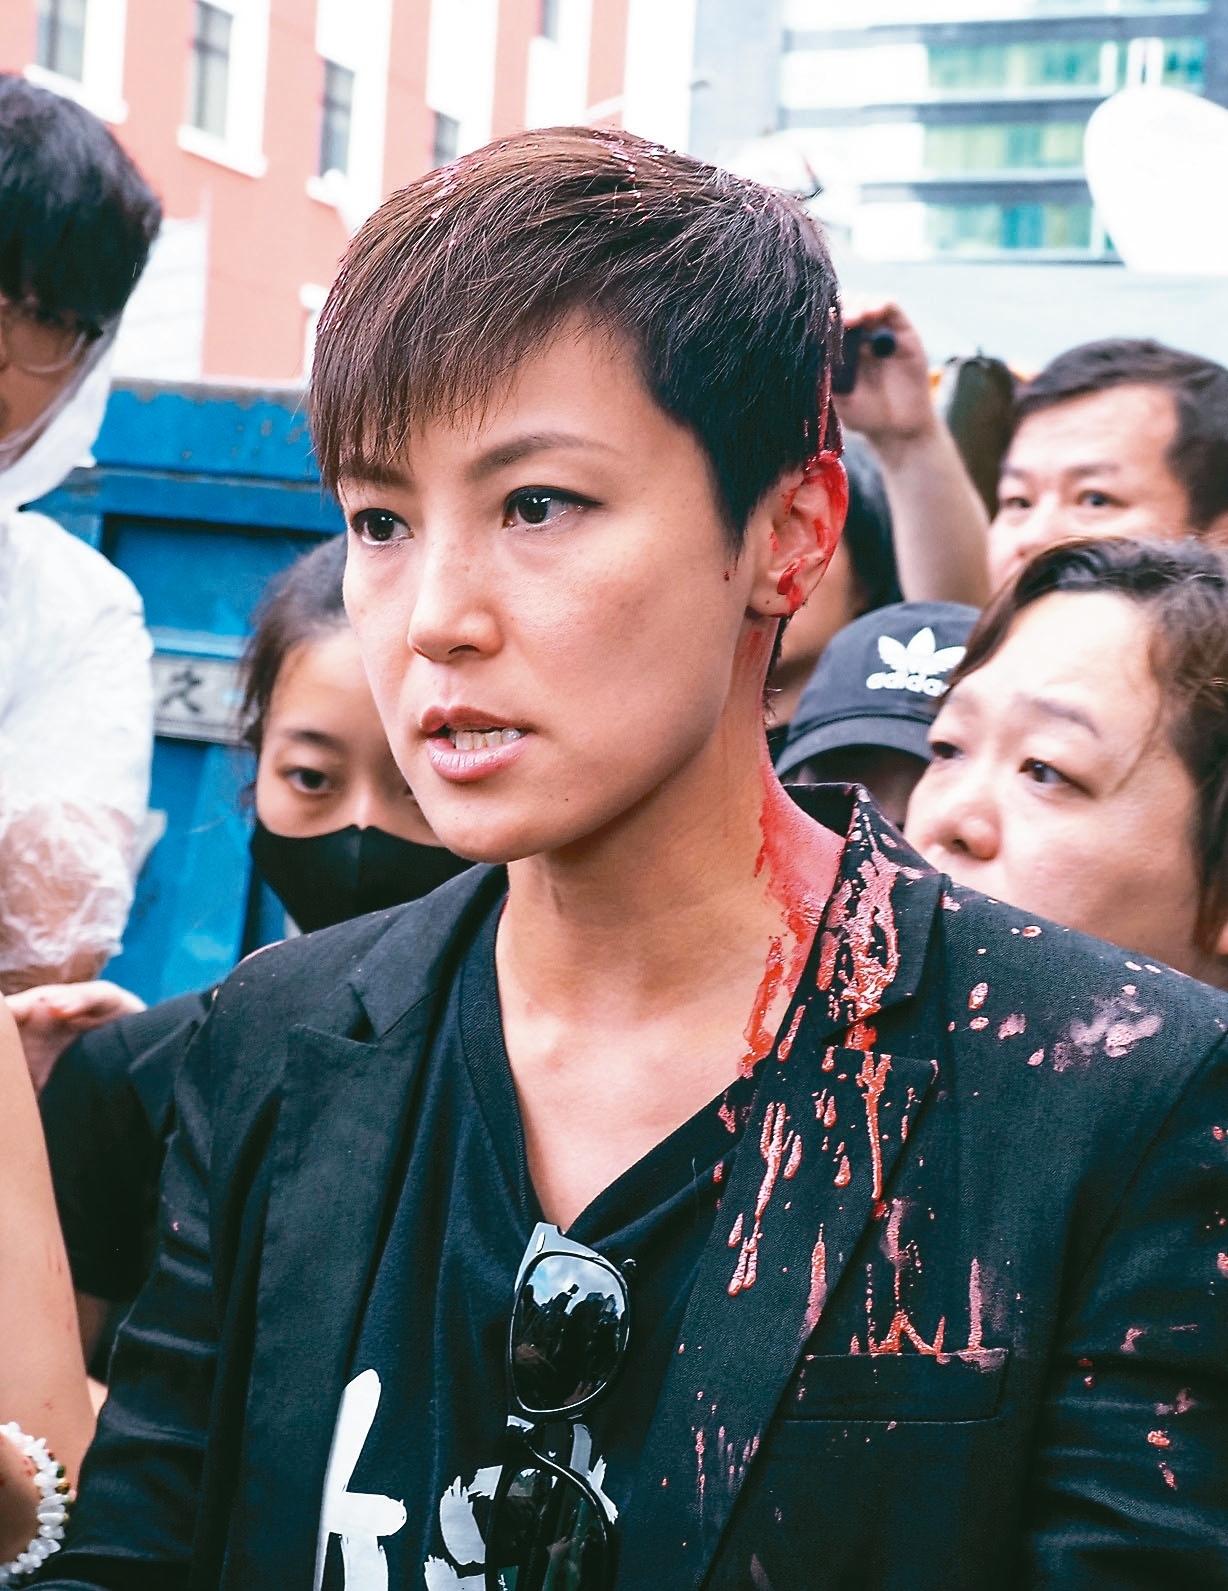 在台港生等團體昨舉辦「九二九台港大遊行」,香港藝人何韻詩在接受訪問時,突然被潑紅漆。 記者陳柏亨/攝影